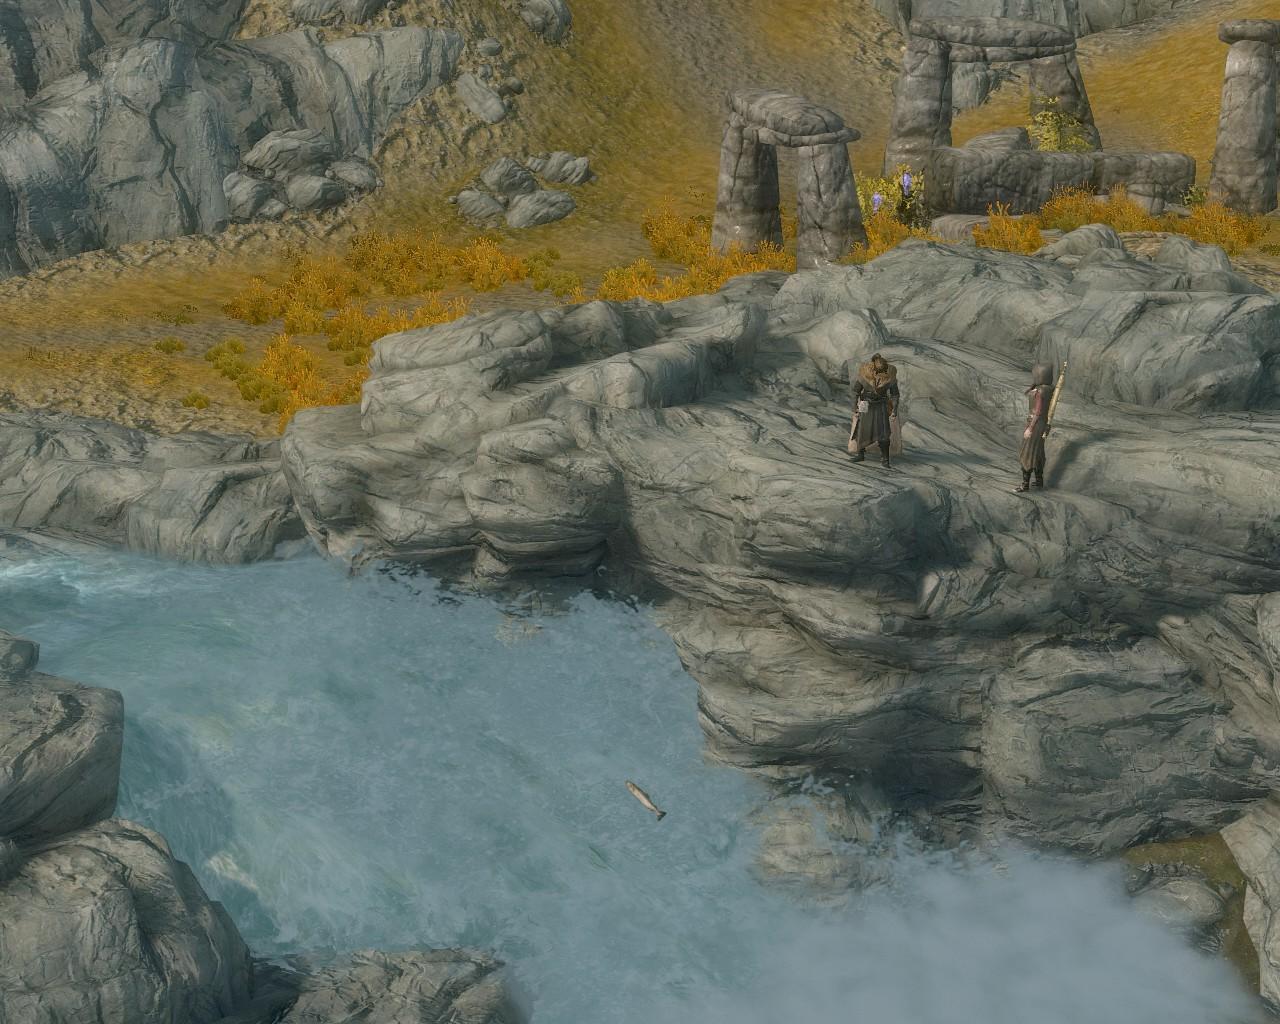 04目印の遺跡と滝